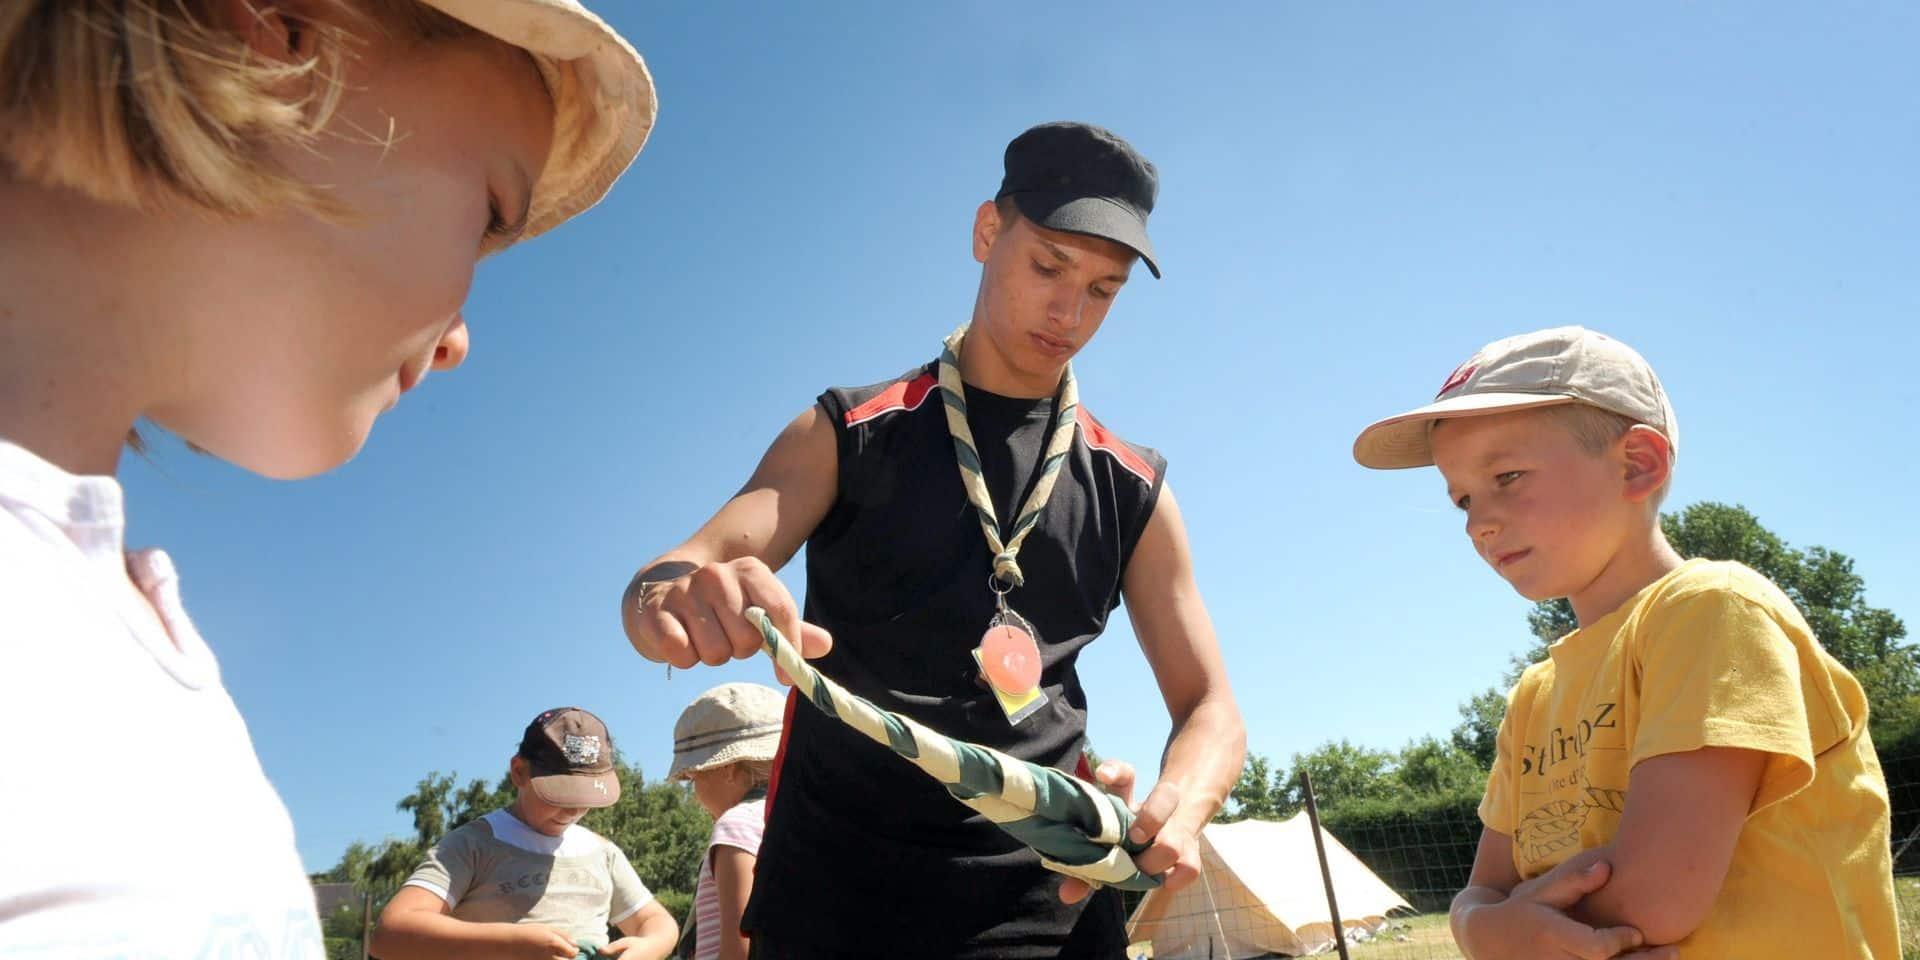 Les camps de jeunesse et les stages seront autorisés à partir du 1er juillet